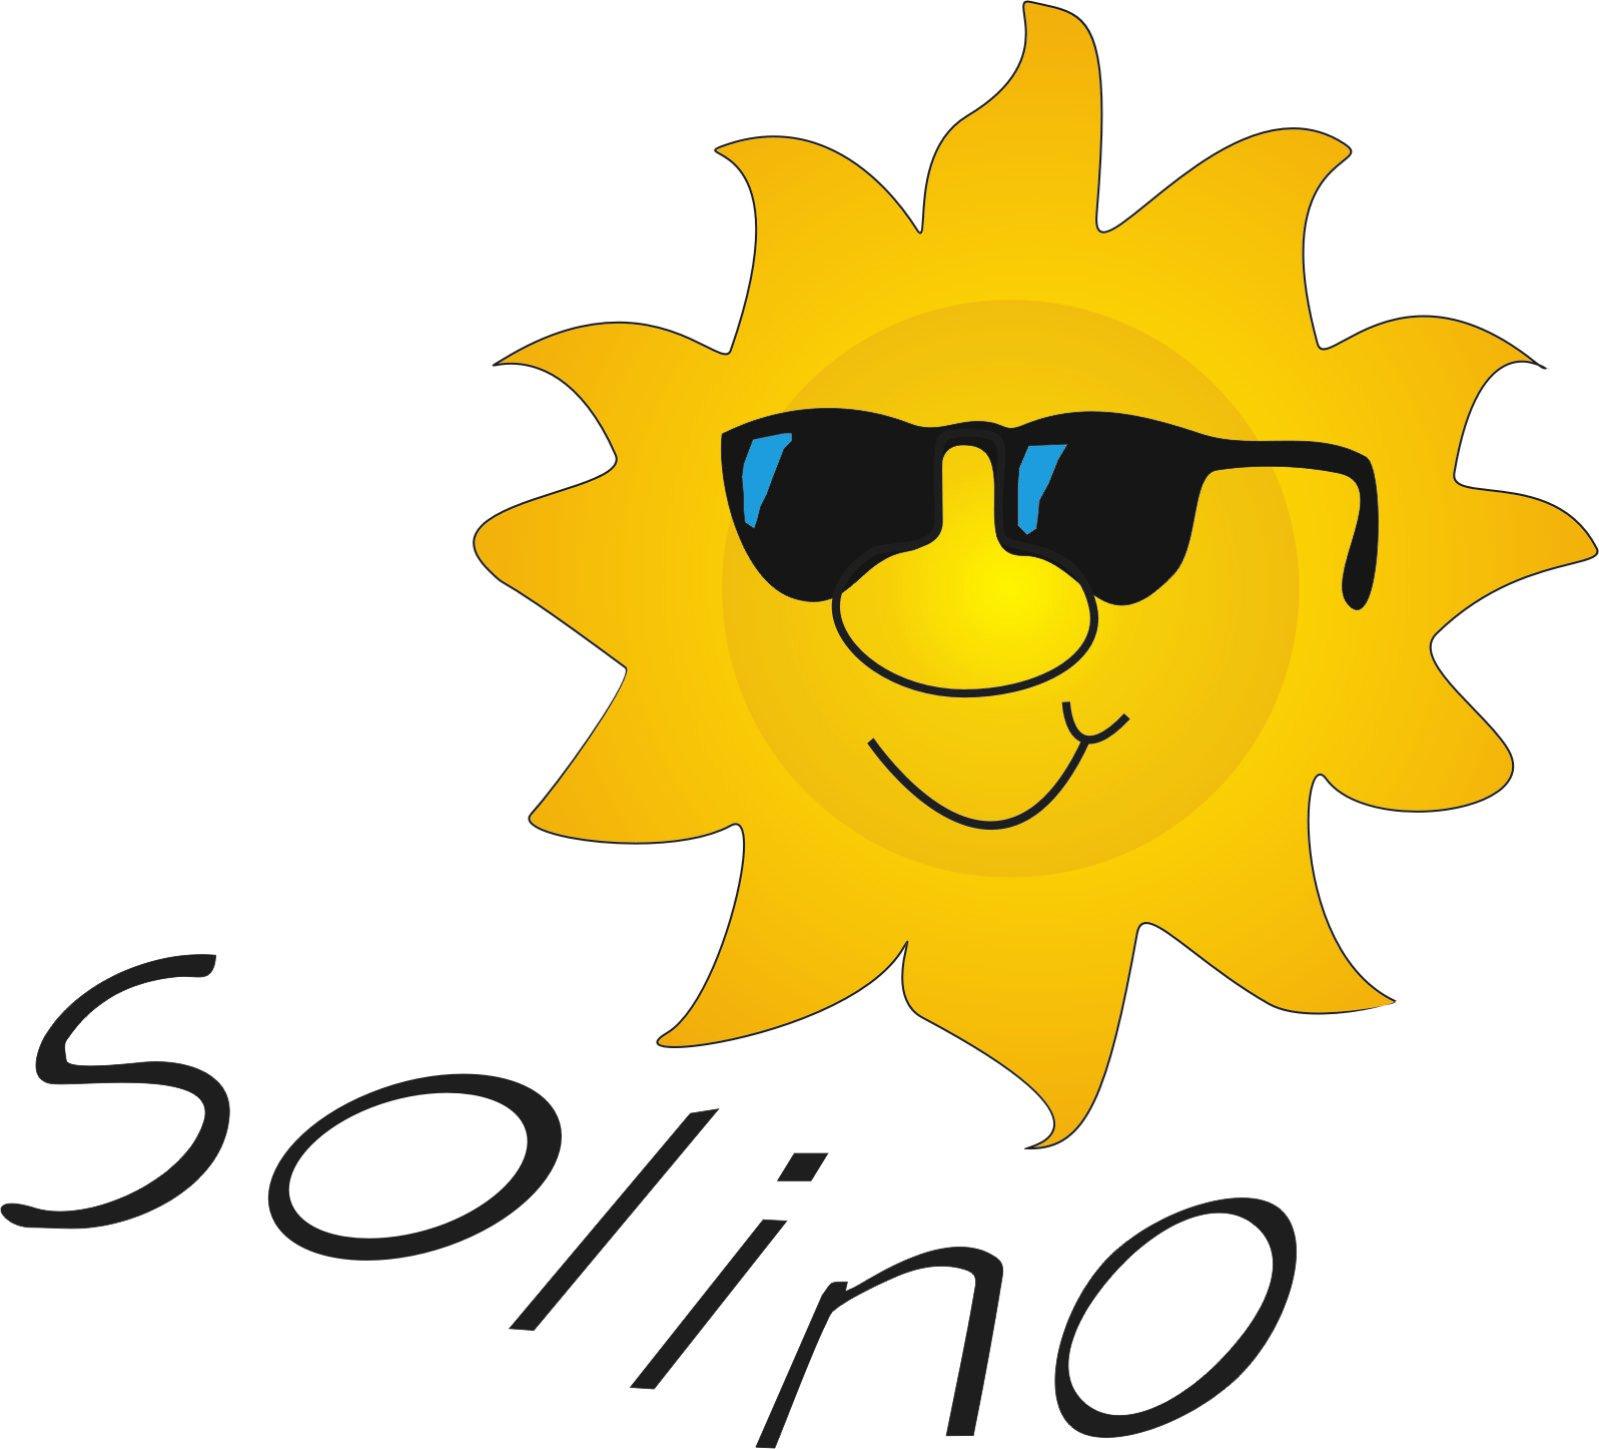 Solino Reisen